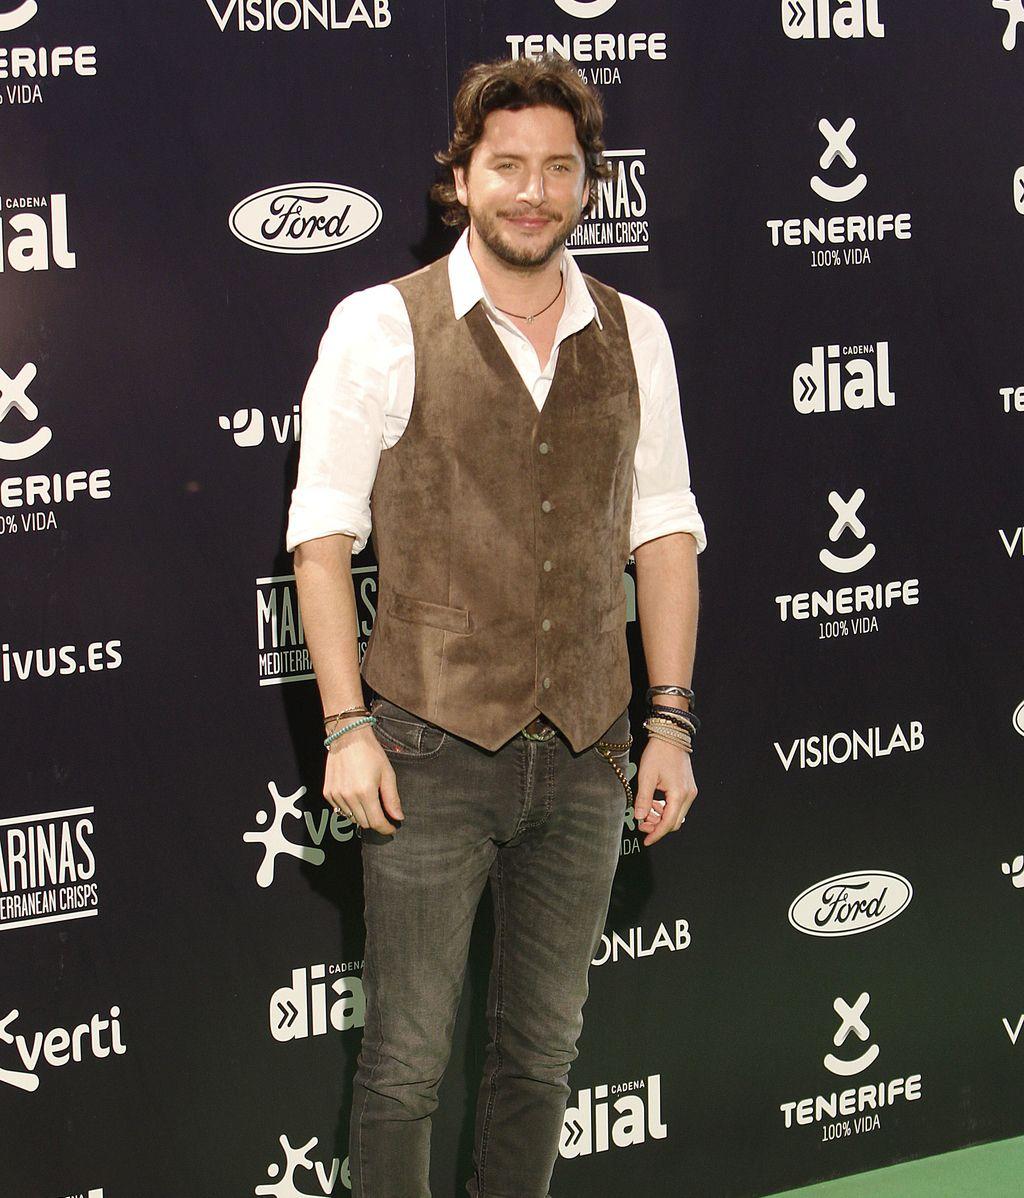 Manuel Carrasco eligió chaleco marrón y camisa blanca